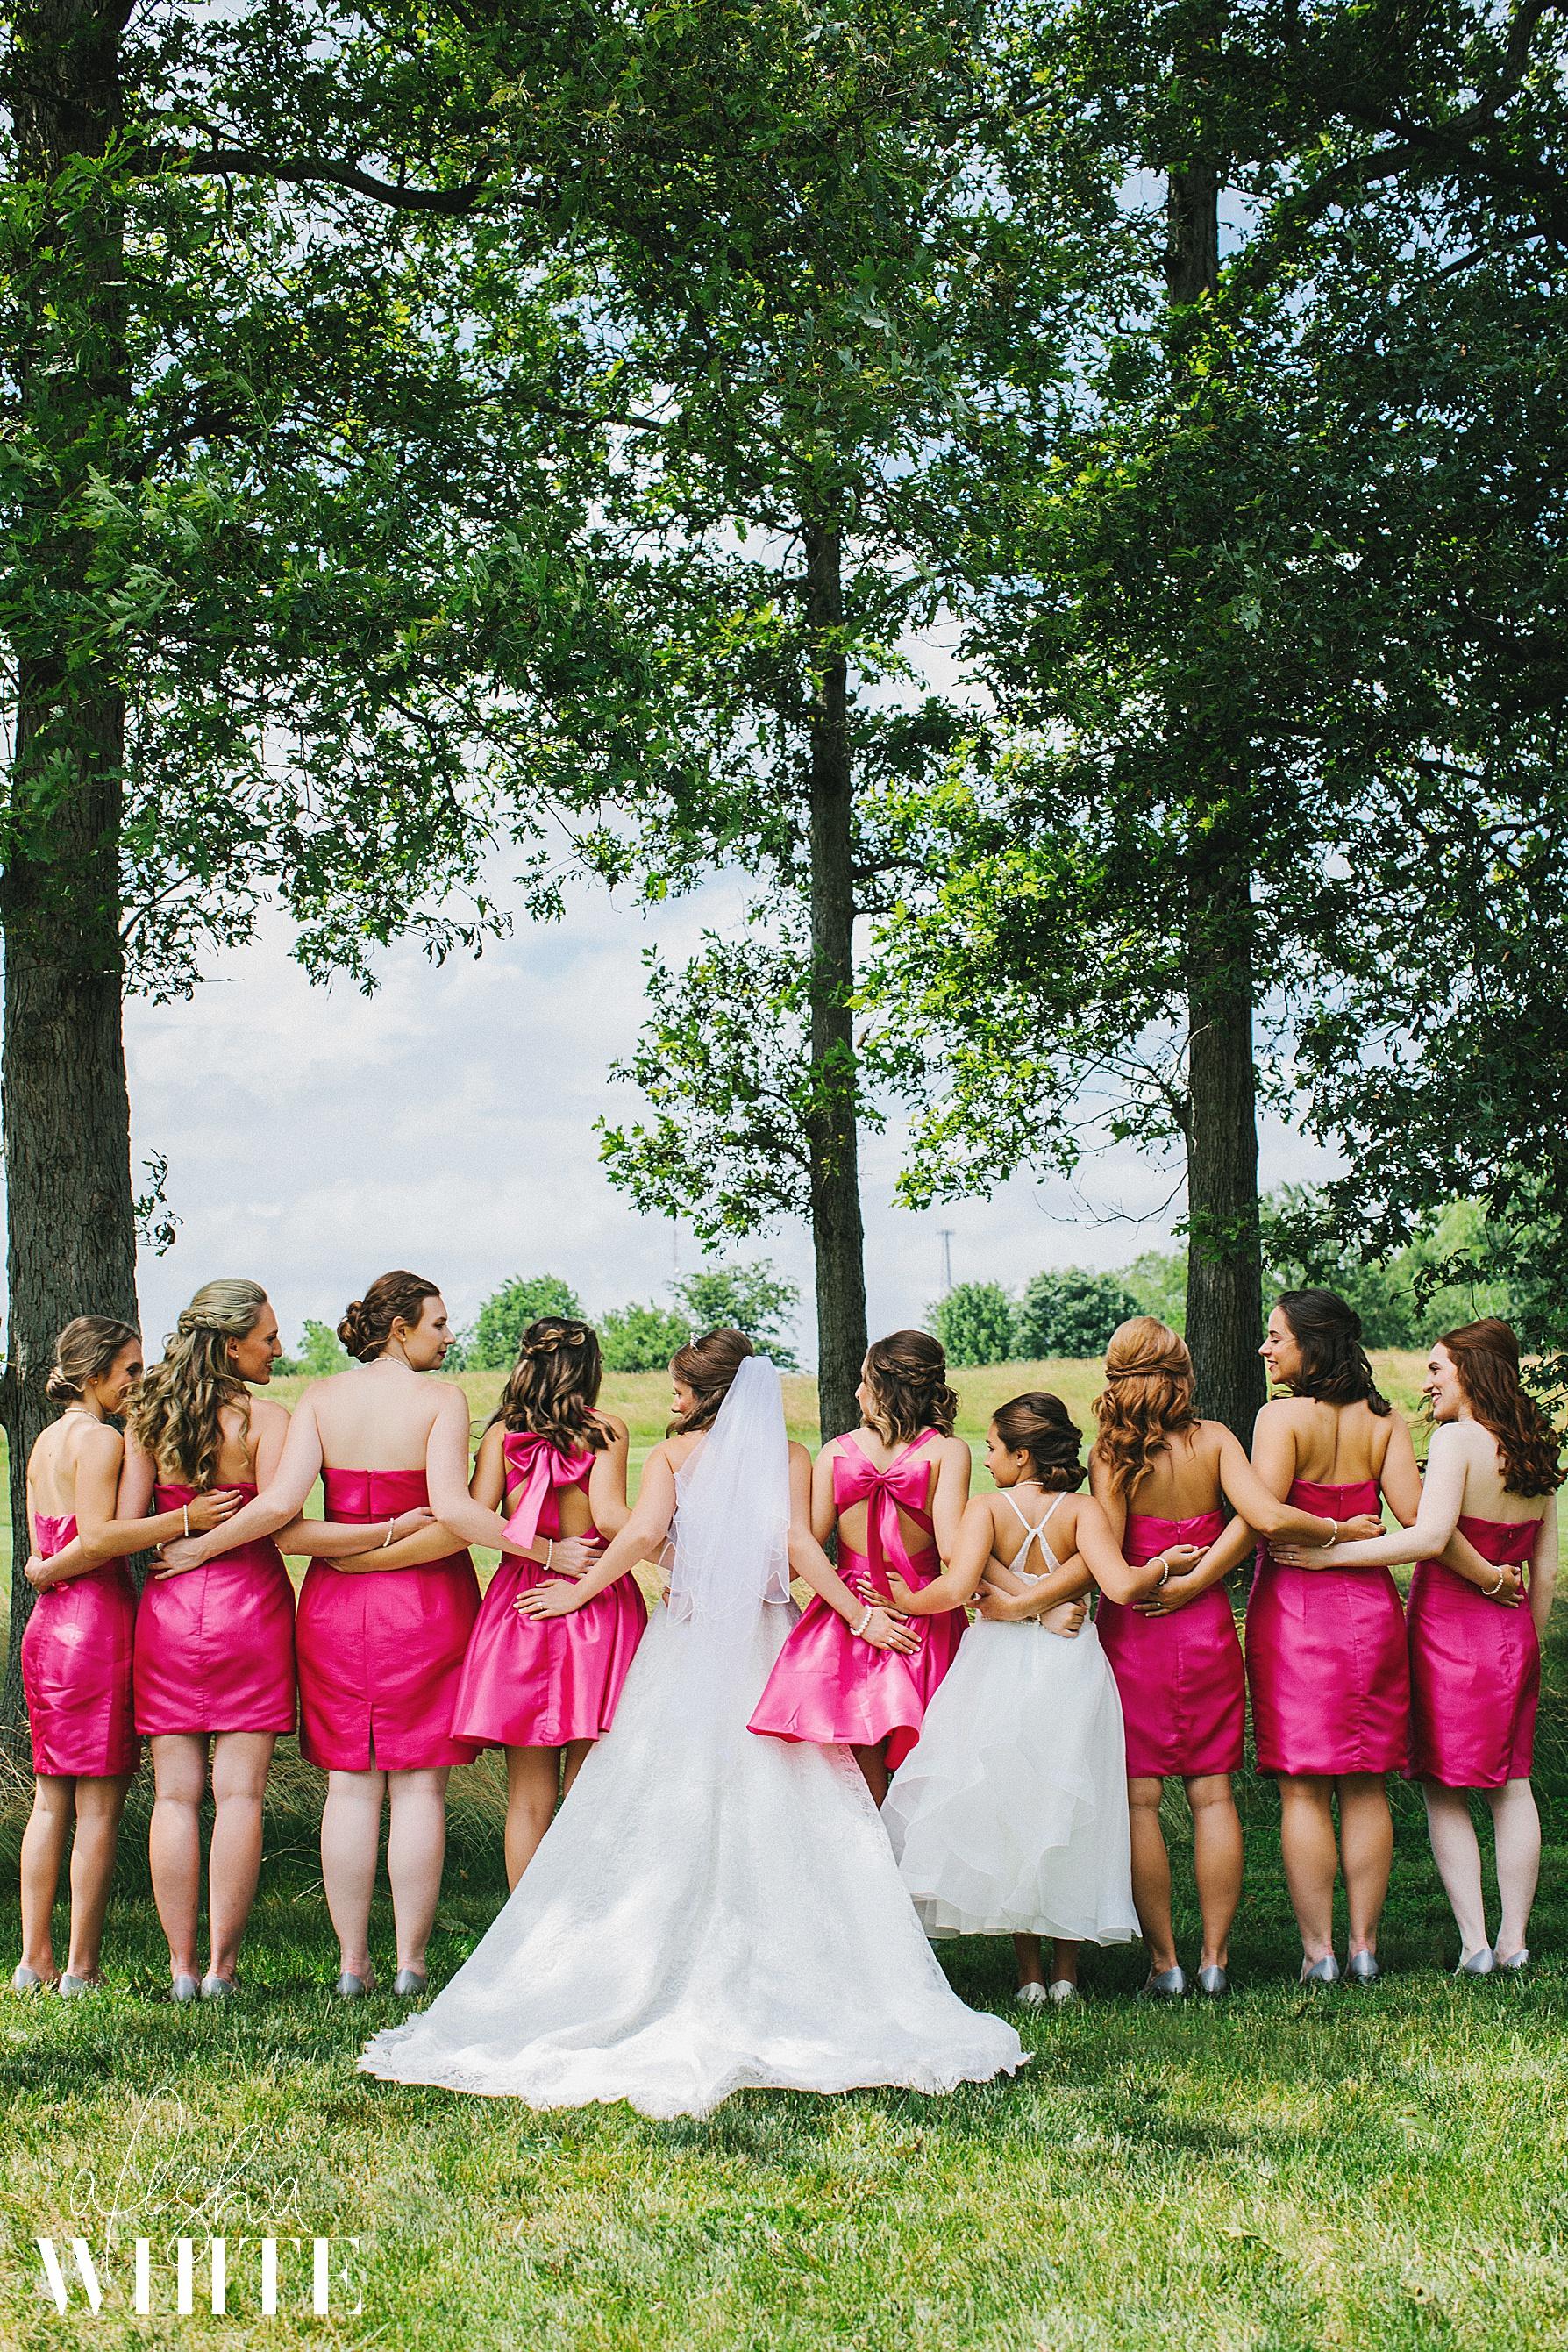 evansvilleindianawedding.jpg